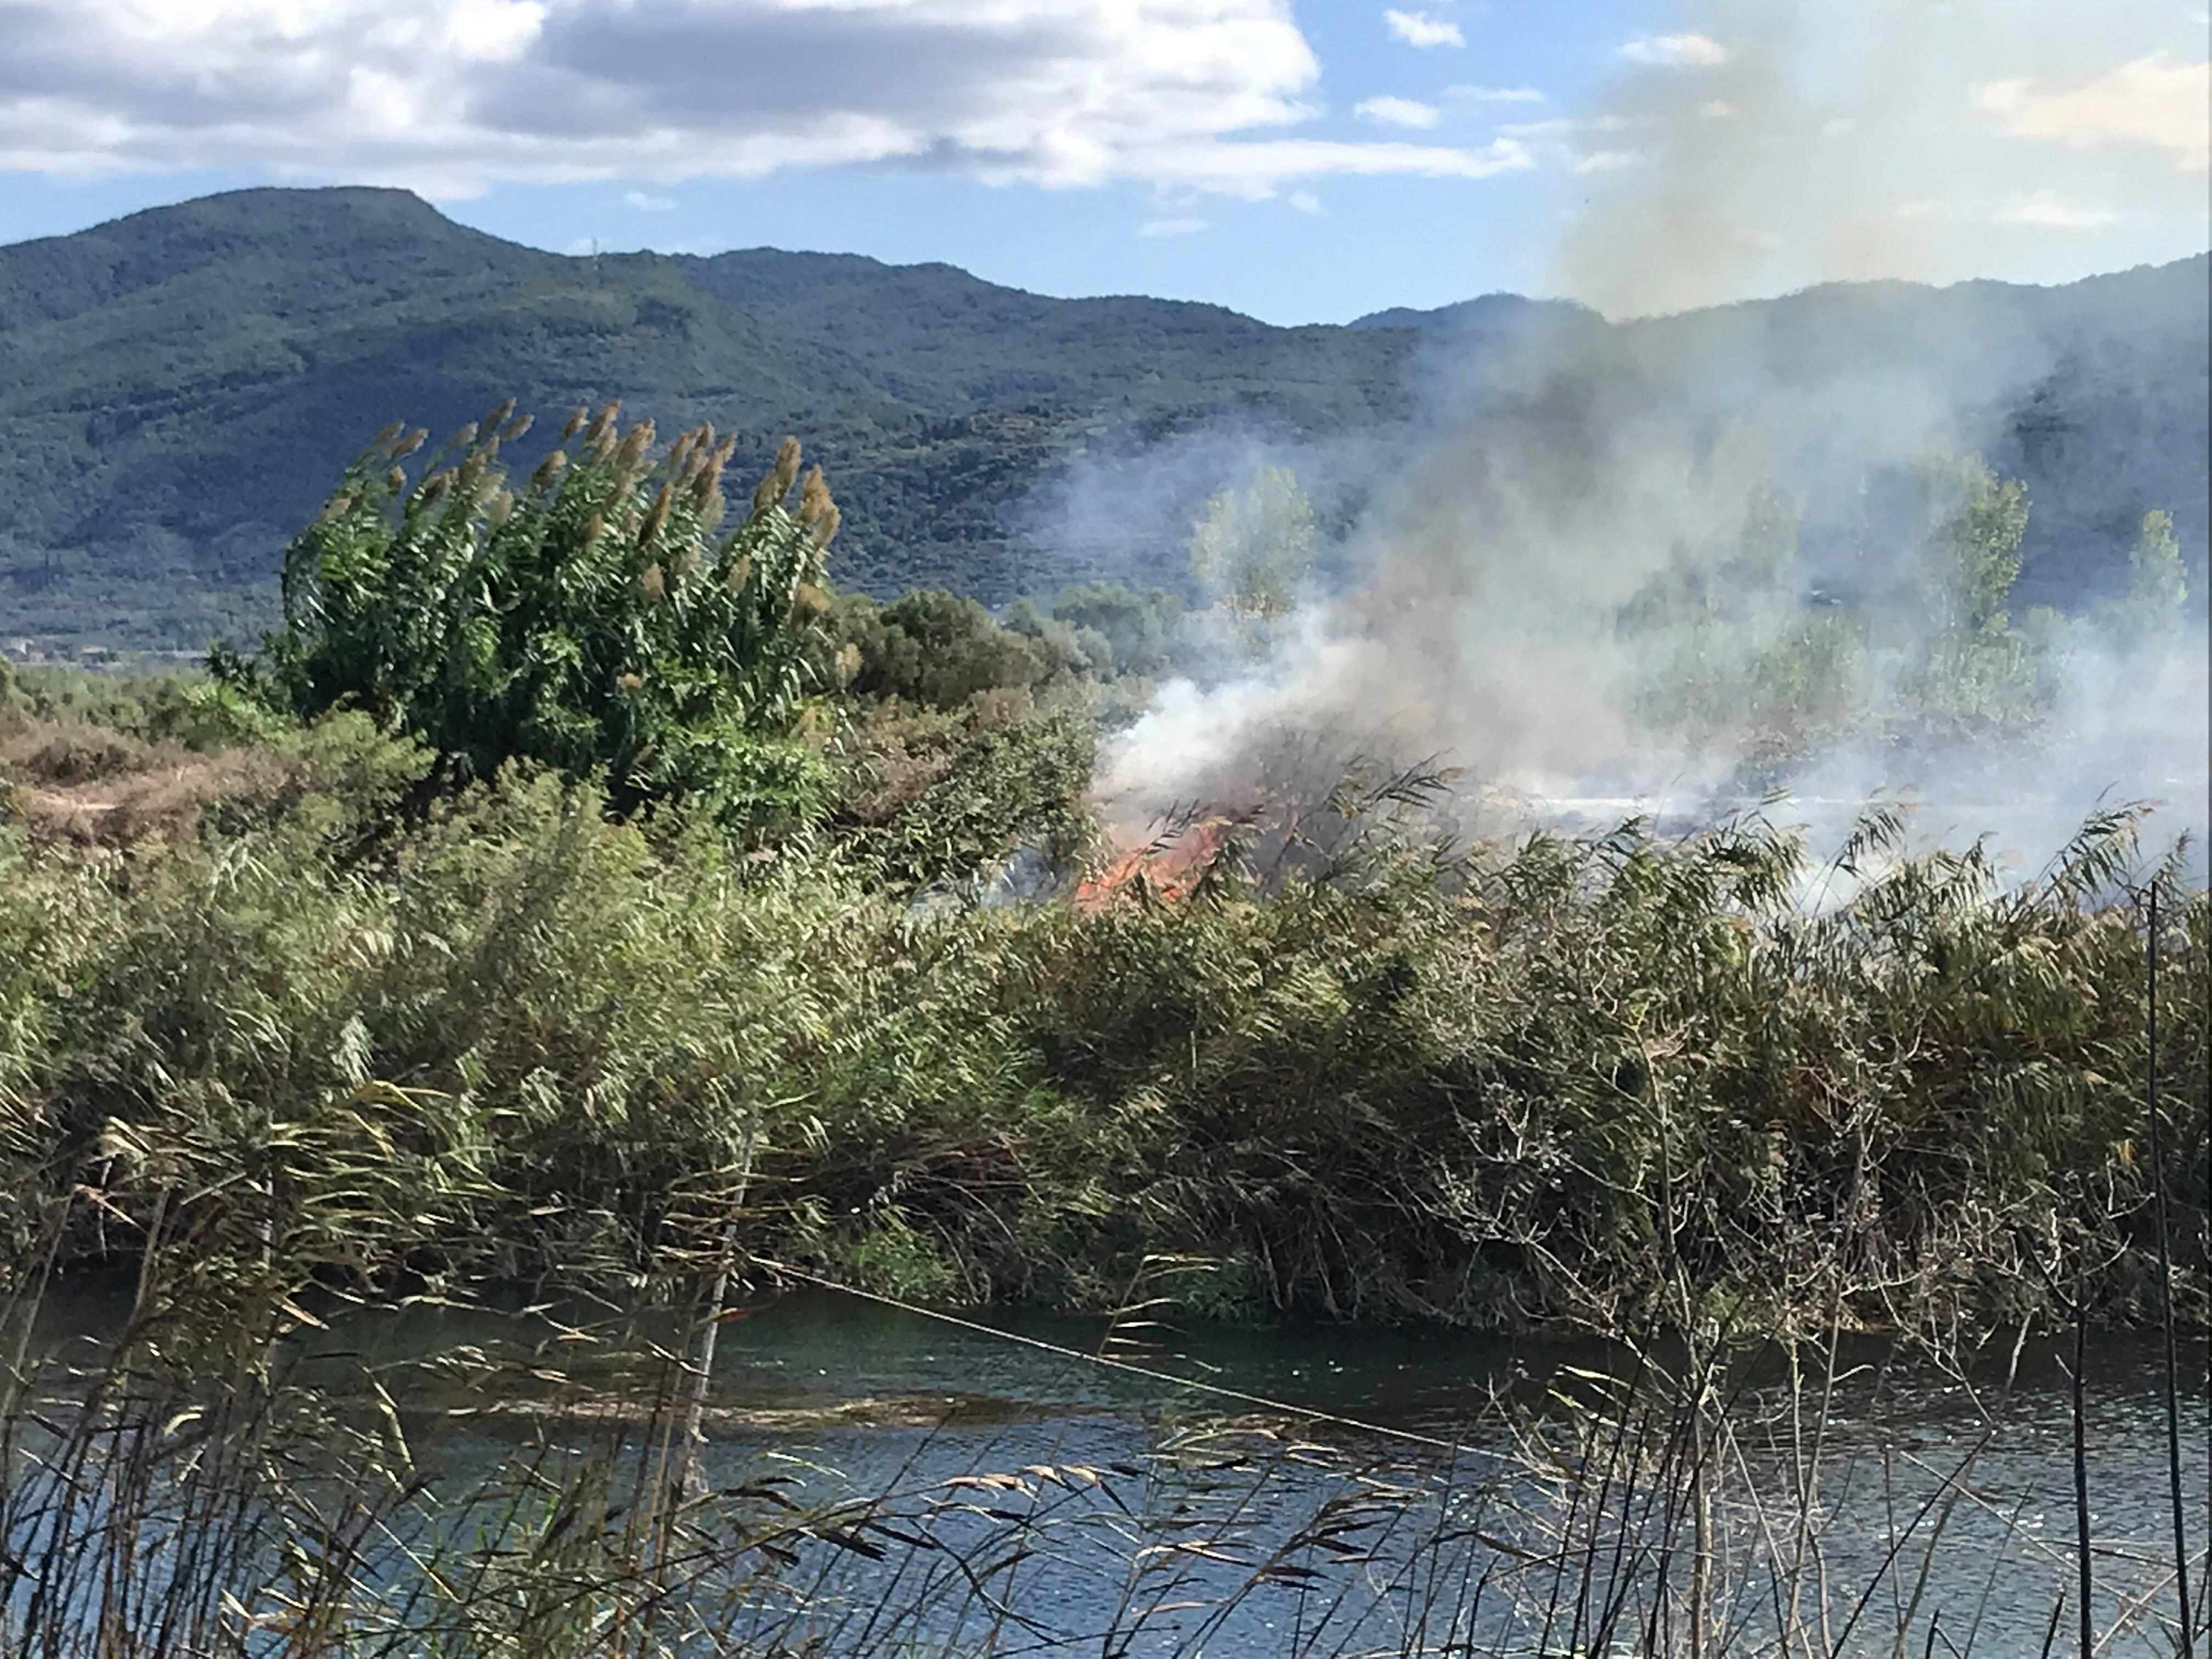 Ανευθυνότητα πολιτών και μπαράζ πυρκαγιών στο Αγρίνιο